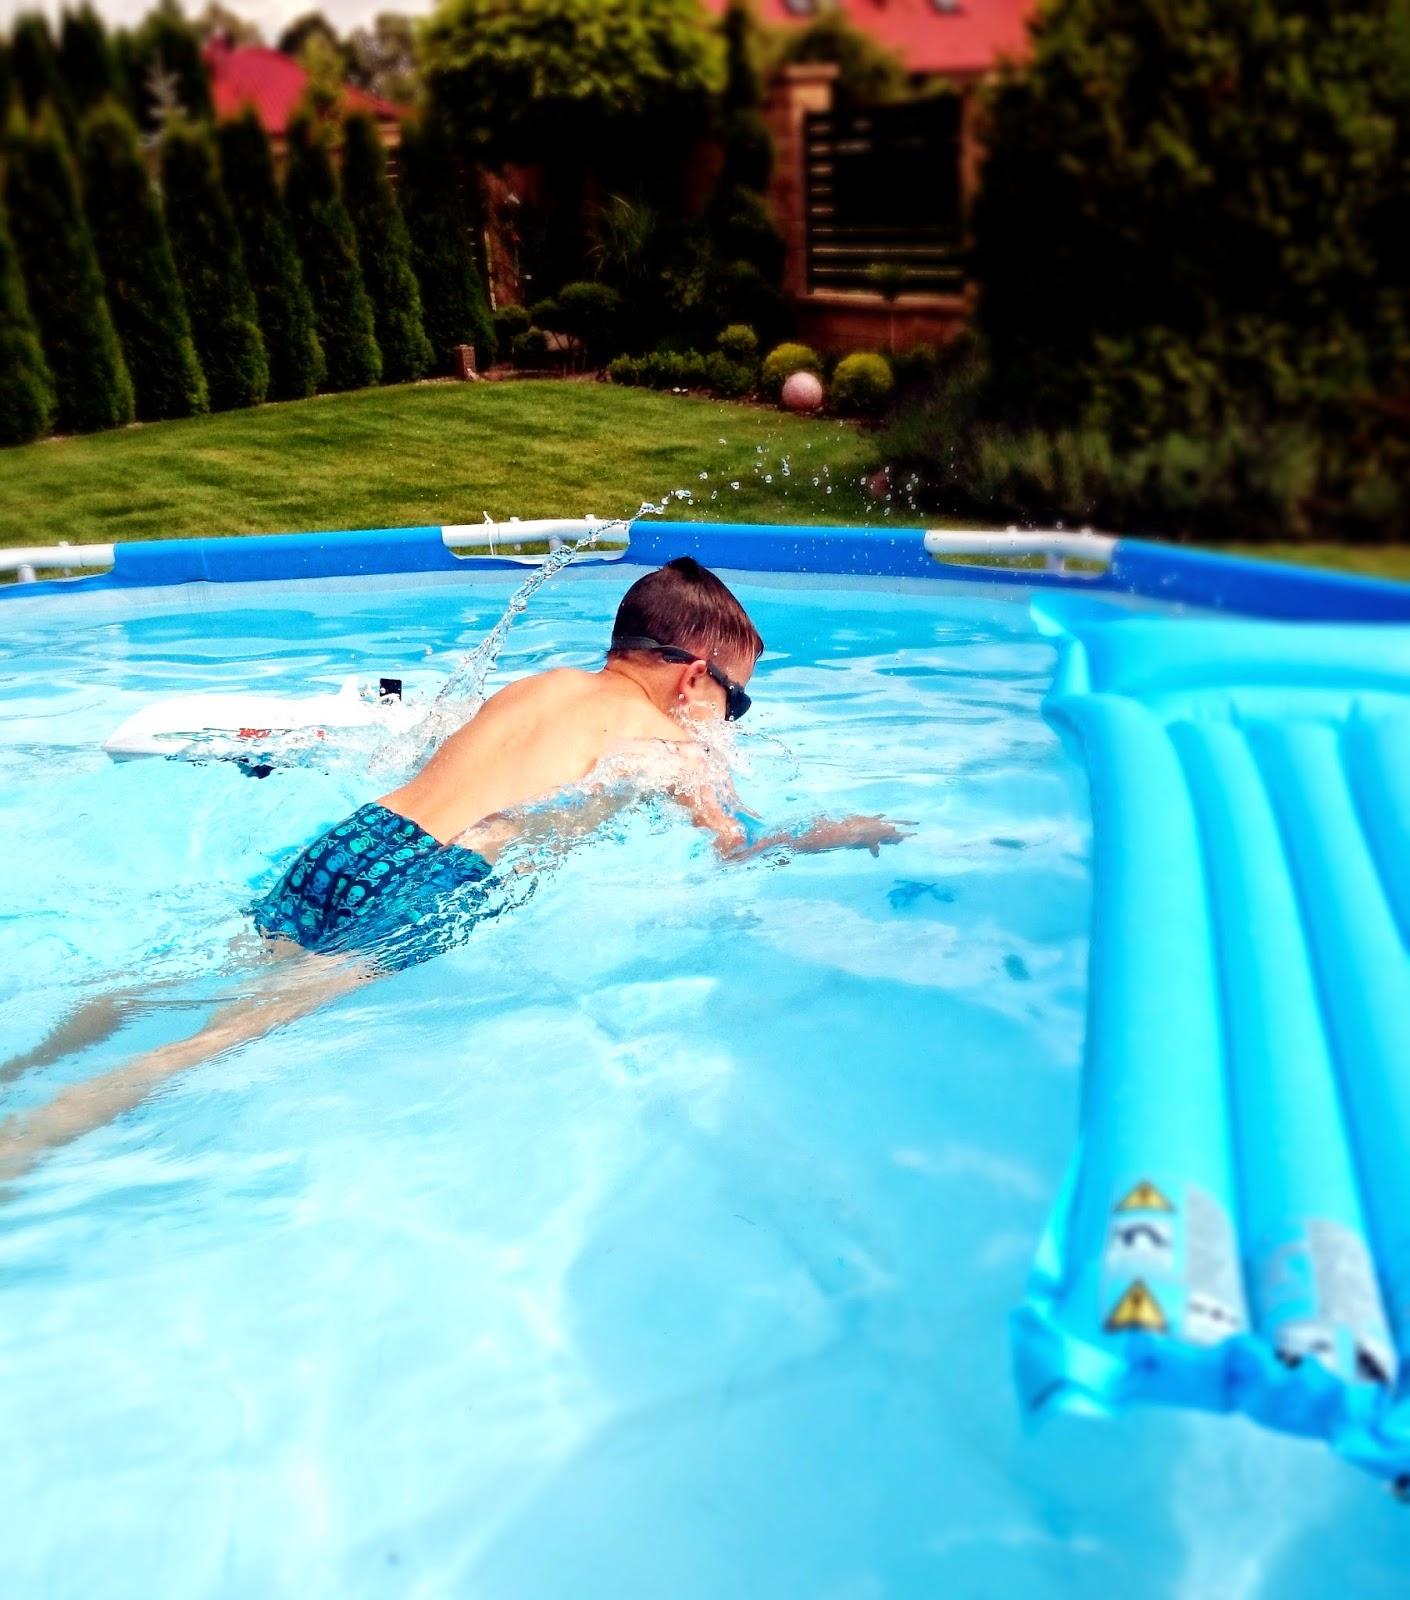 basen,skoki do basenu,basen do ogrodu,jaki basen dla dzieci,materac do basenu,dzieci i zabawy w basenie,szczecin basen,basen w Szczecinie,basen stelażowy,wnętrze i ogród,w domu